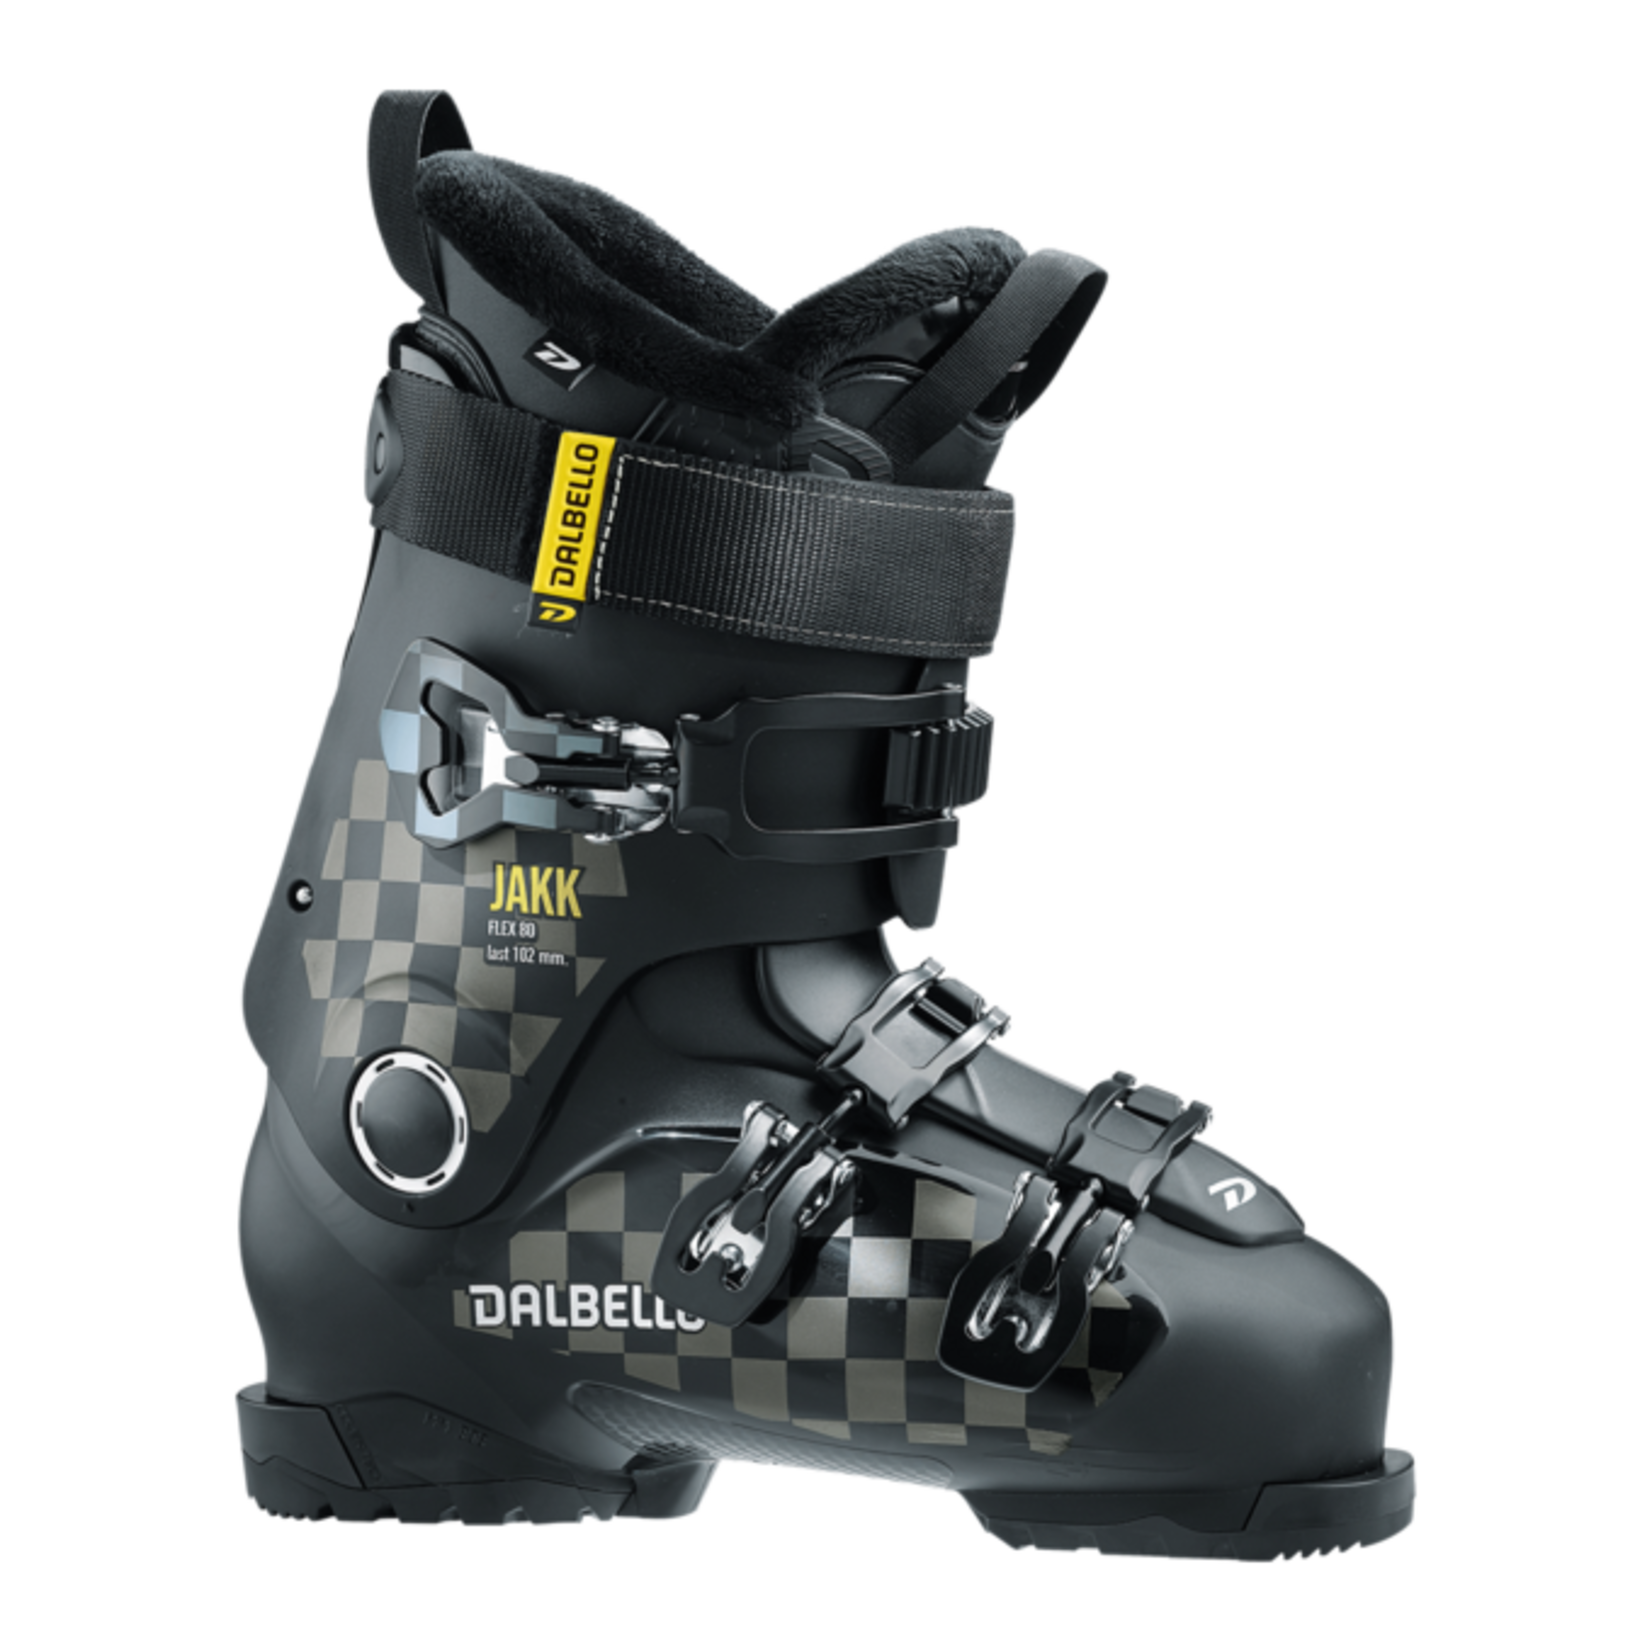 Dalbello Dalbello Jakk Men's Ski Boots 2022